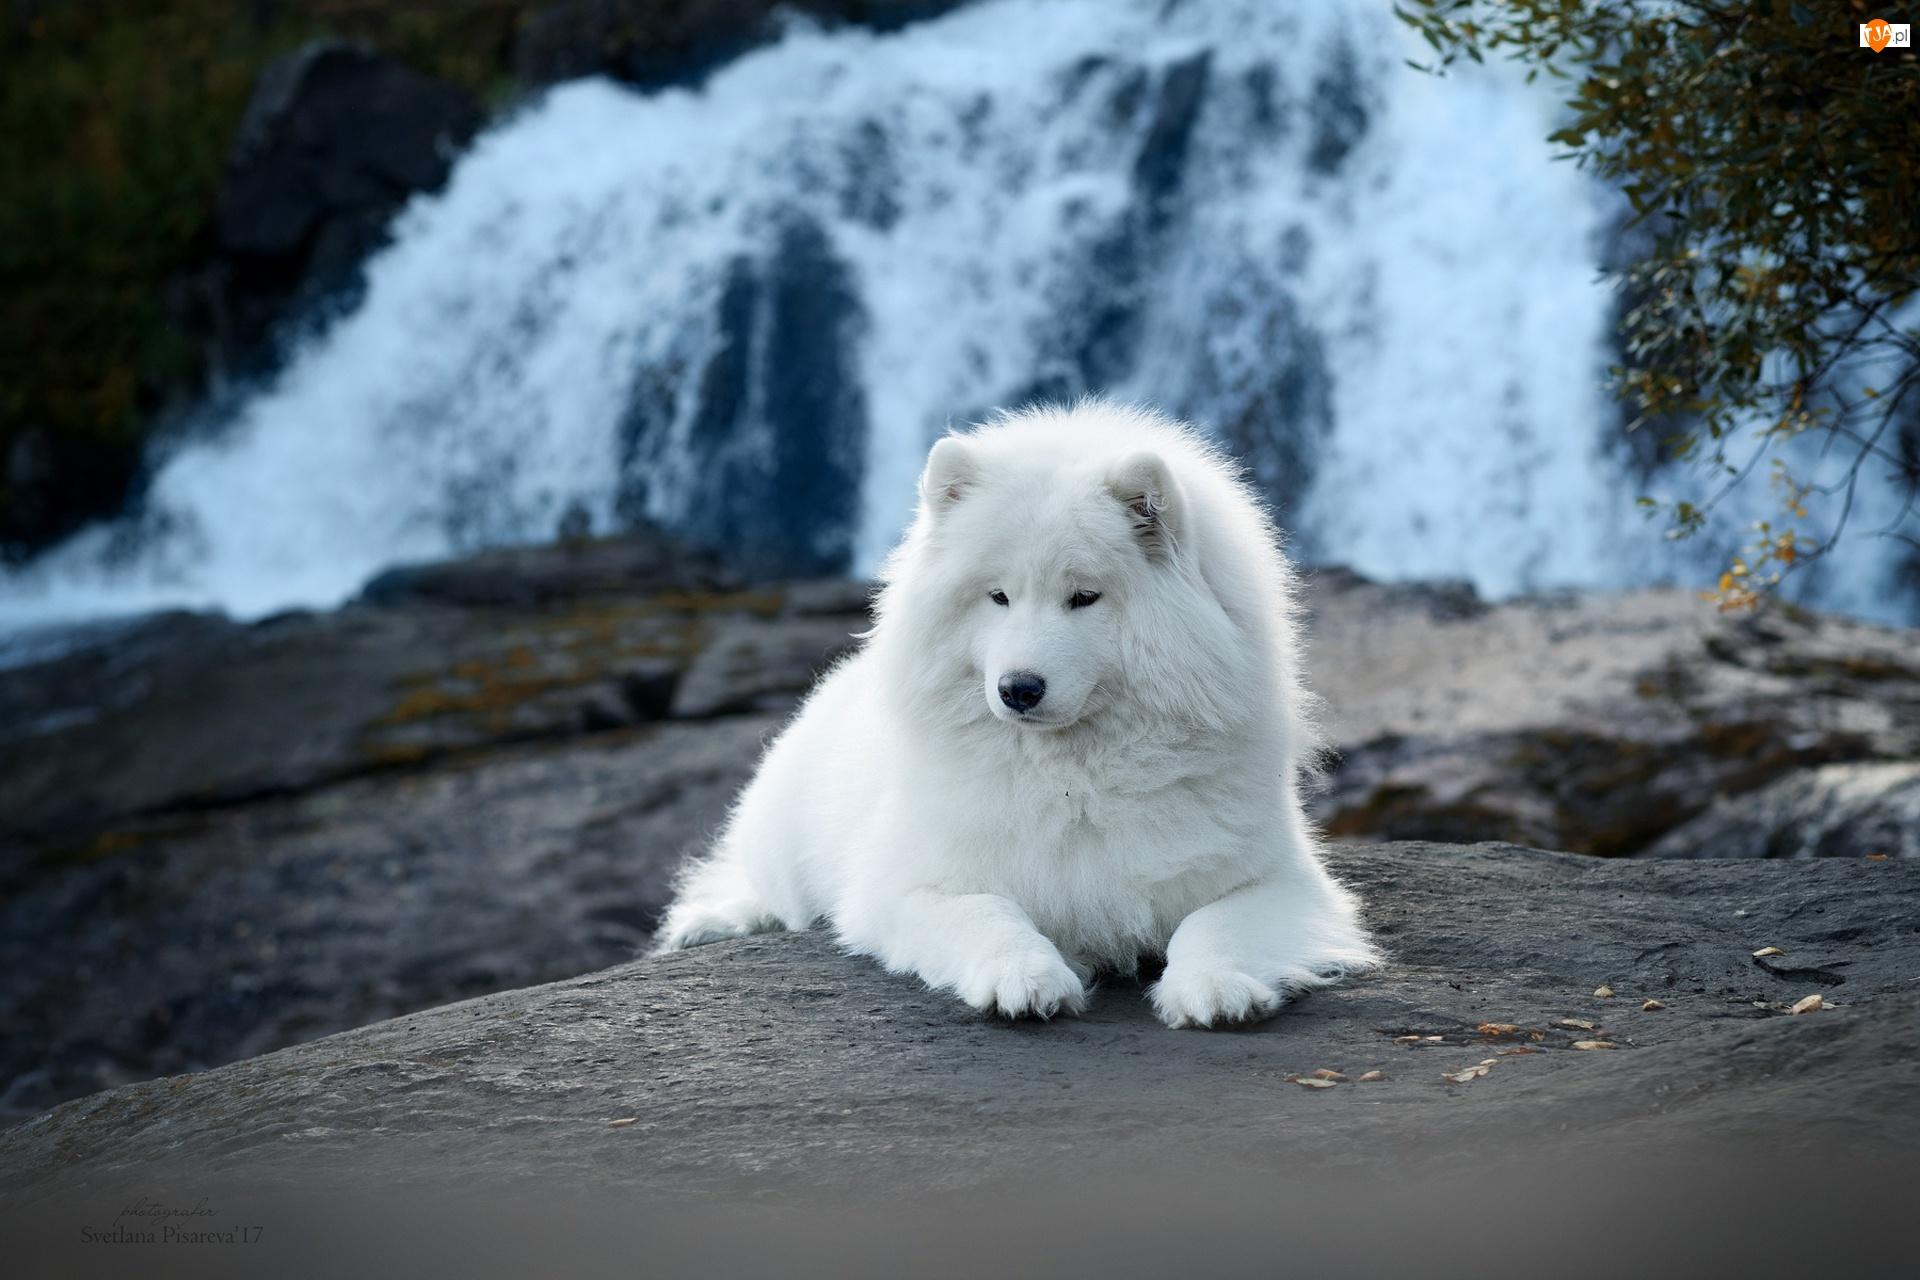 Wodospad, Biały, Pies, Samojed